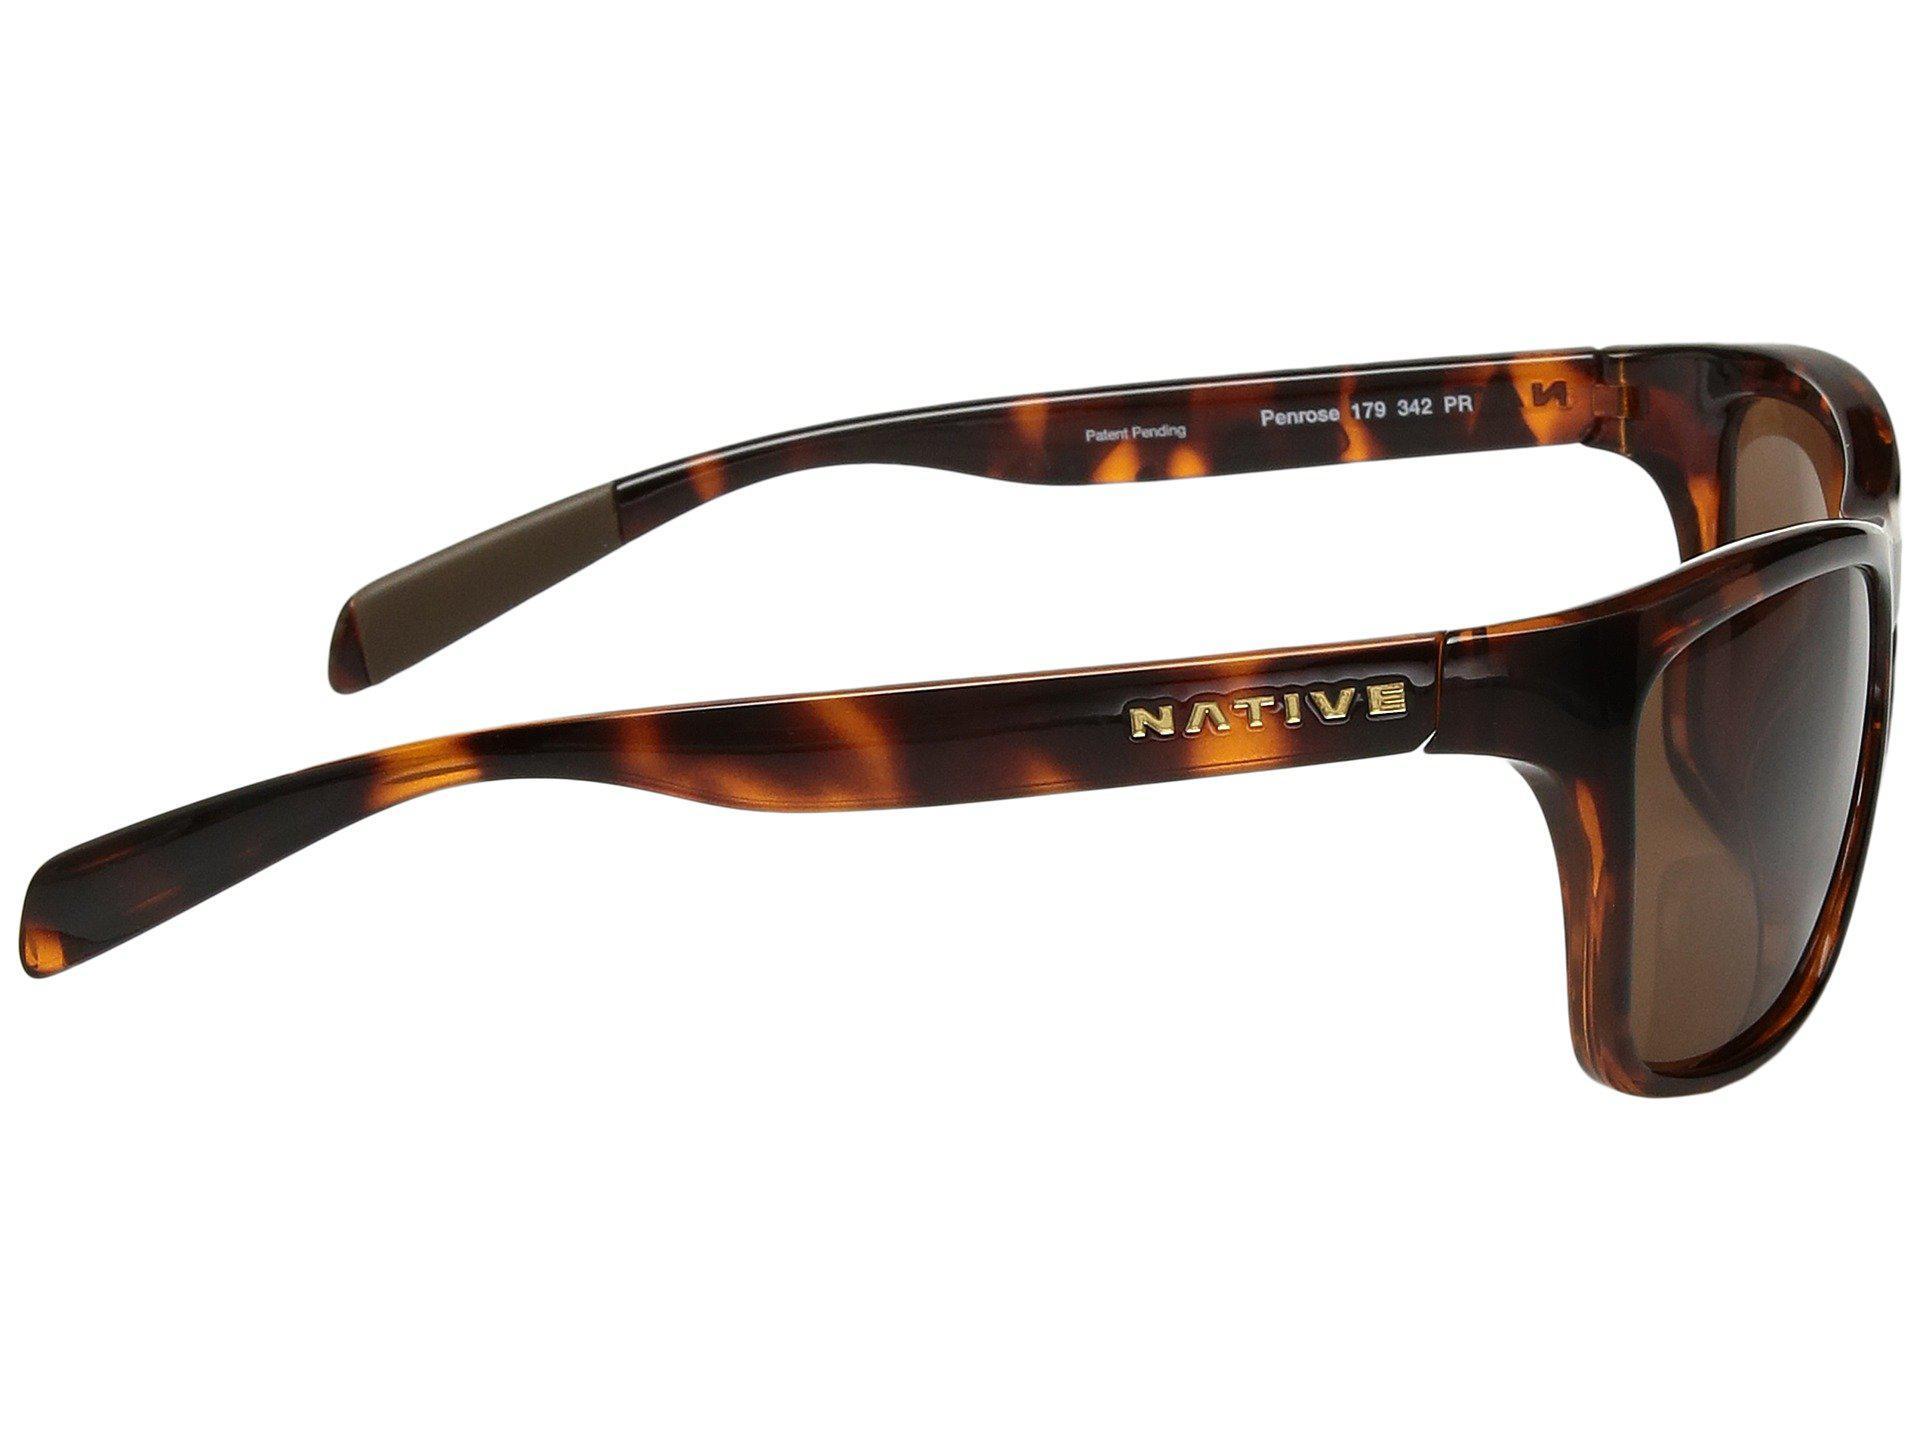 74f2de560e Lyst - Native Eyewear Penrose in Brown